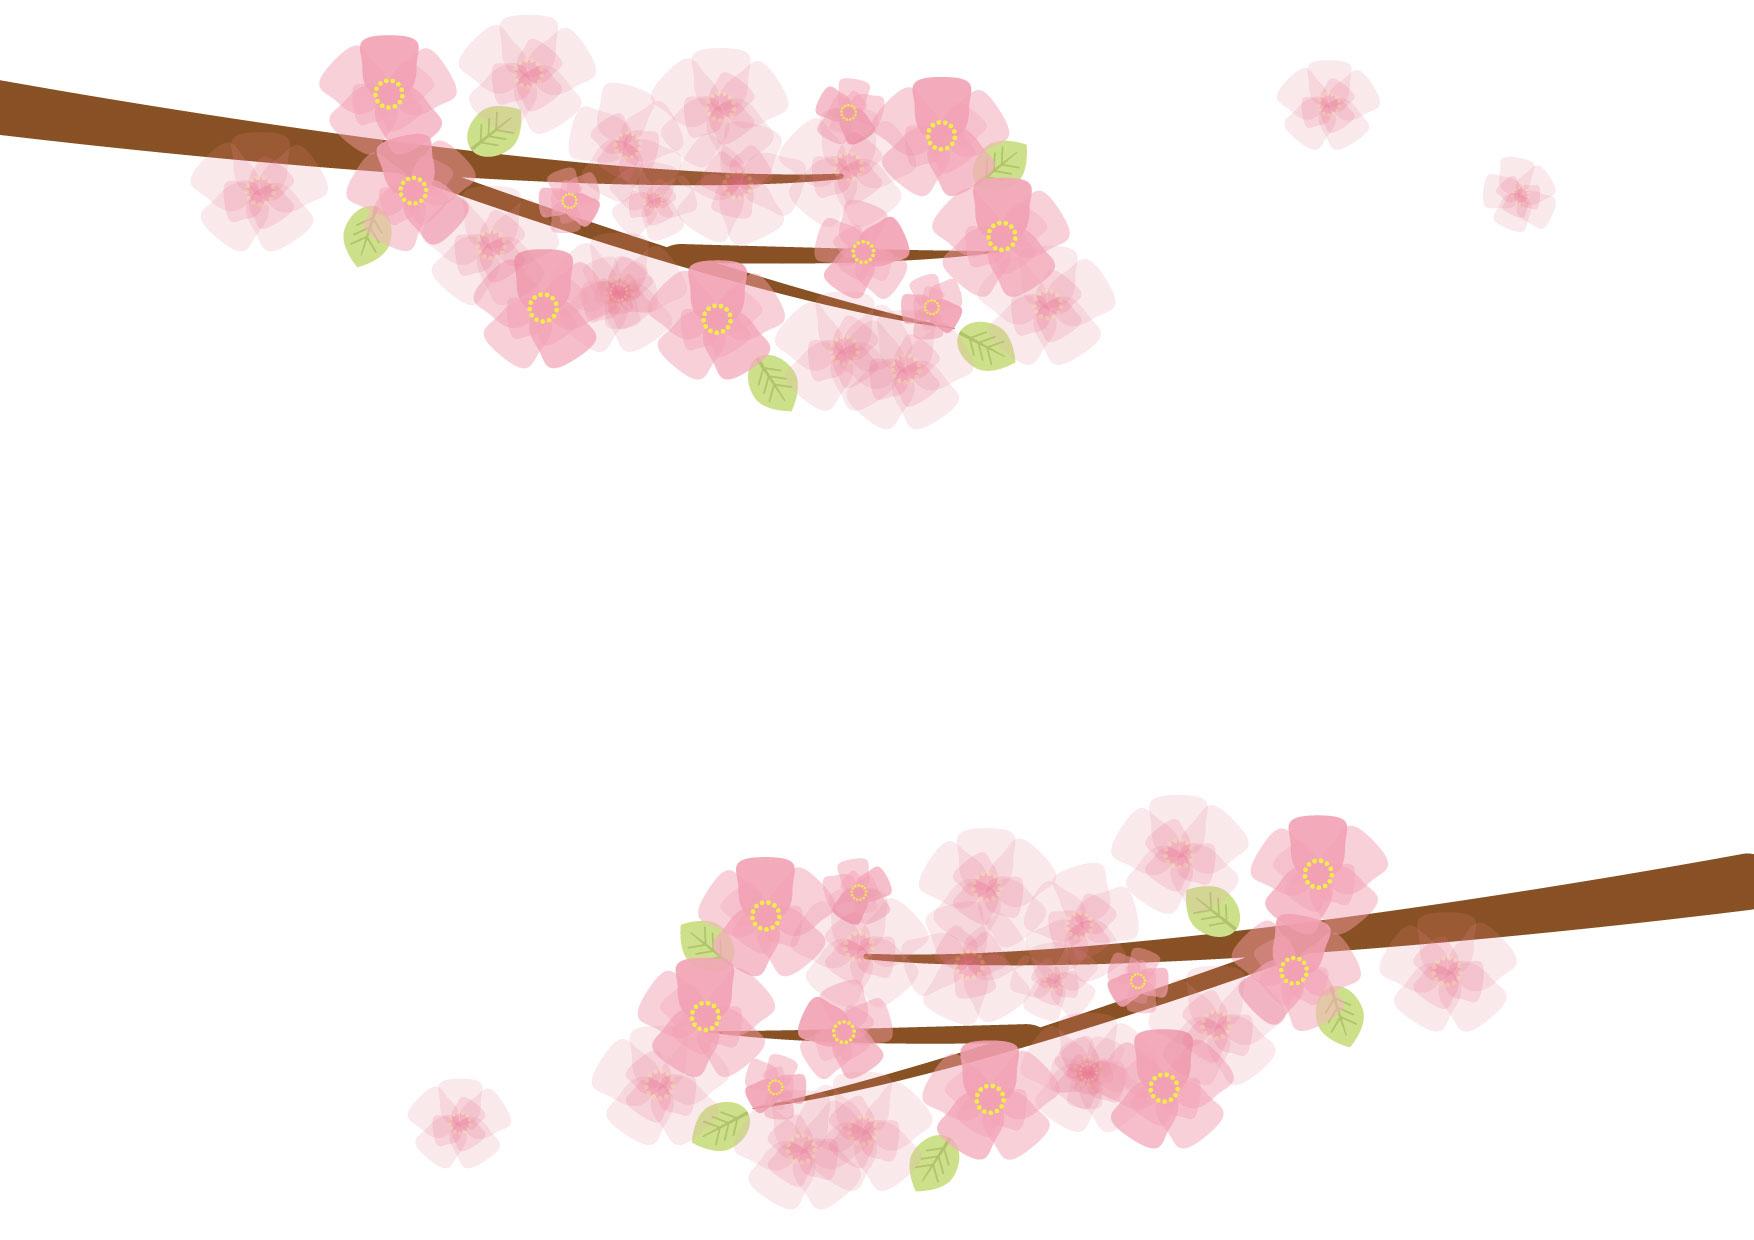 一番好き お 花見 イラスト 無料 1万 お気に入りの壁紙オプション